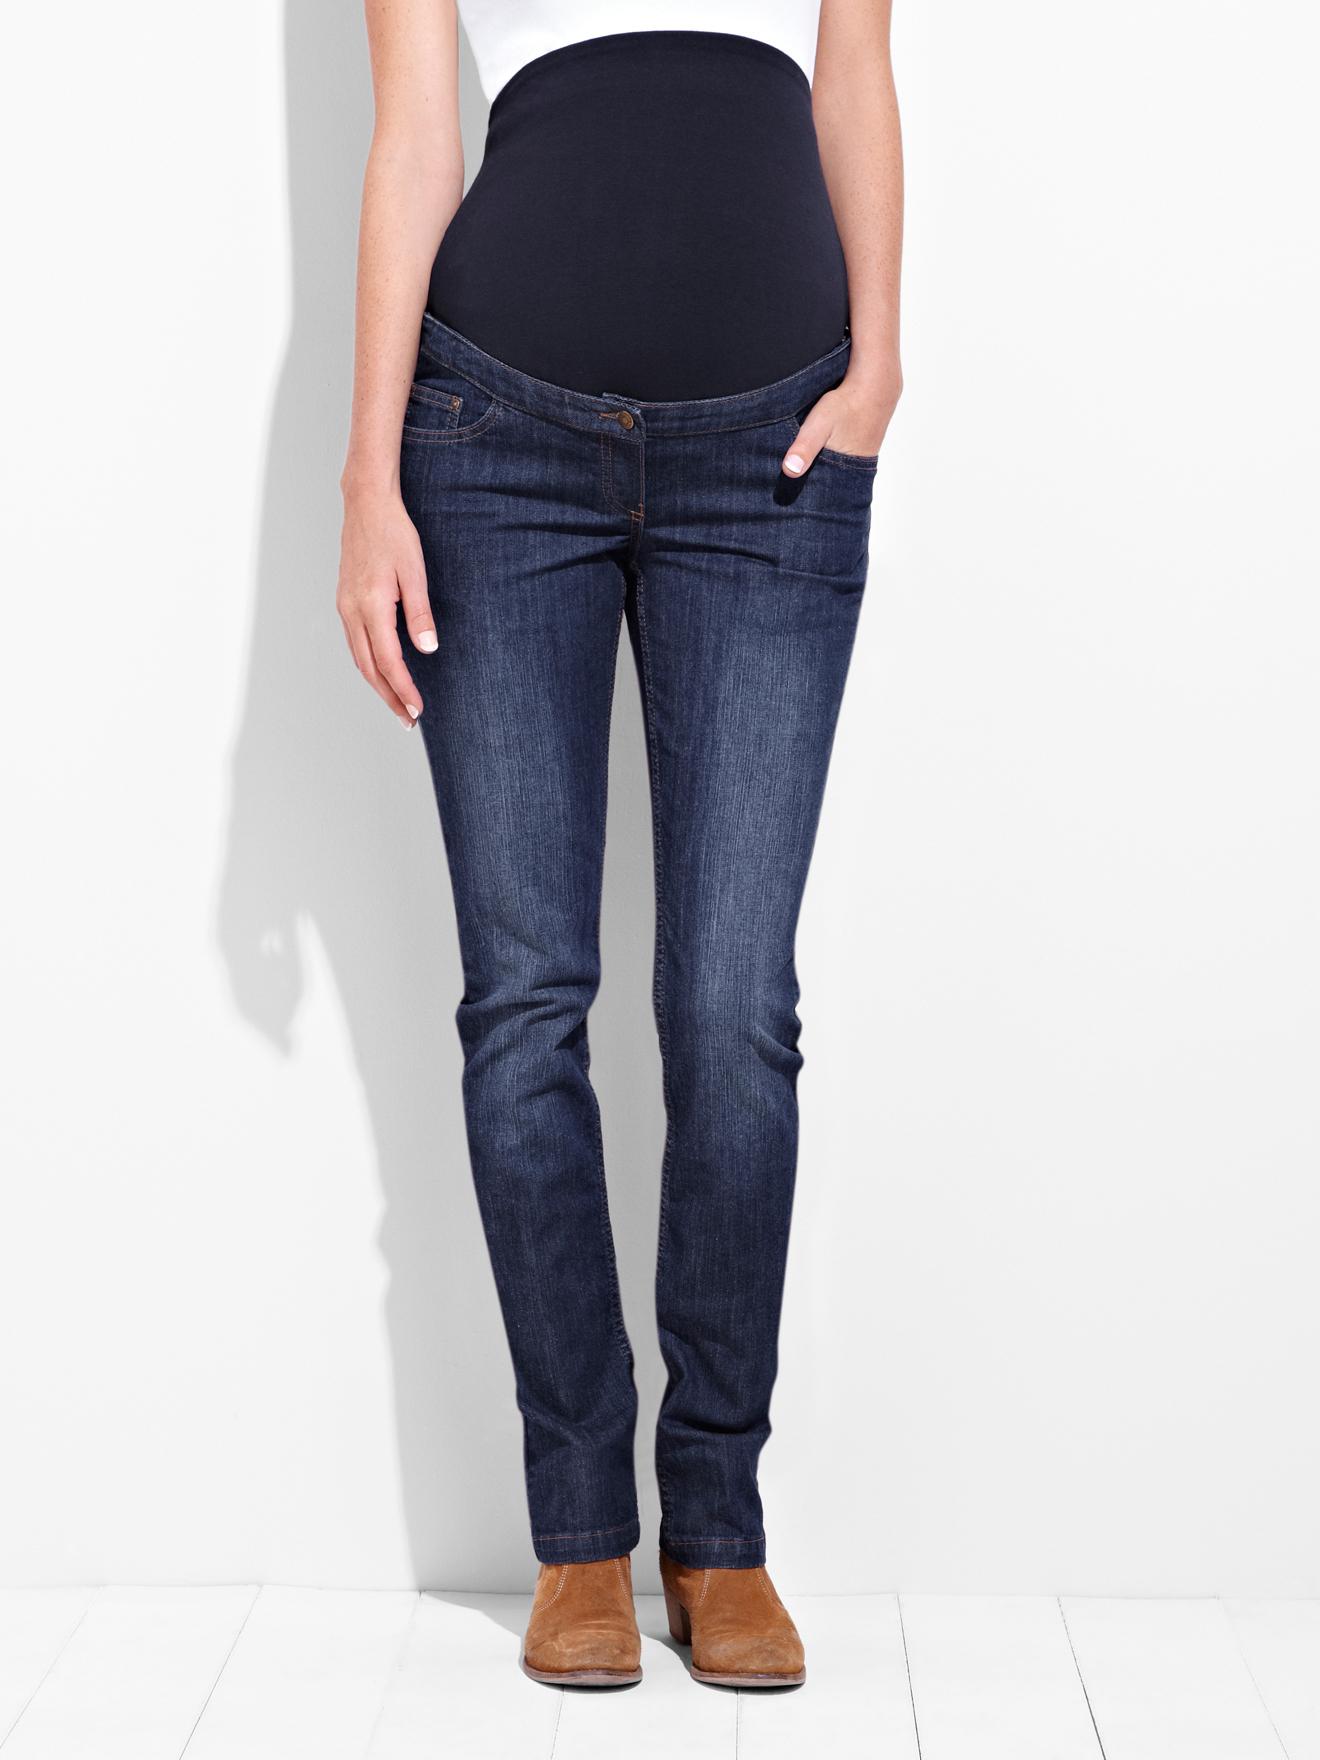 jeans grossesse. Black Bedroom Furniture Sets. Home Design Ideas